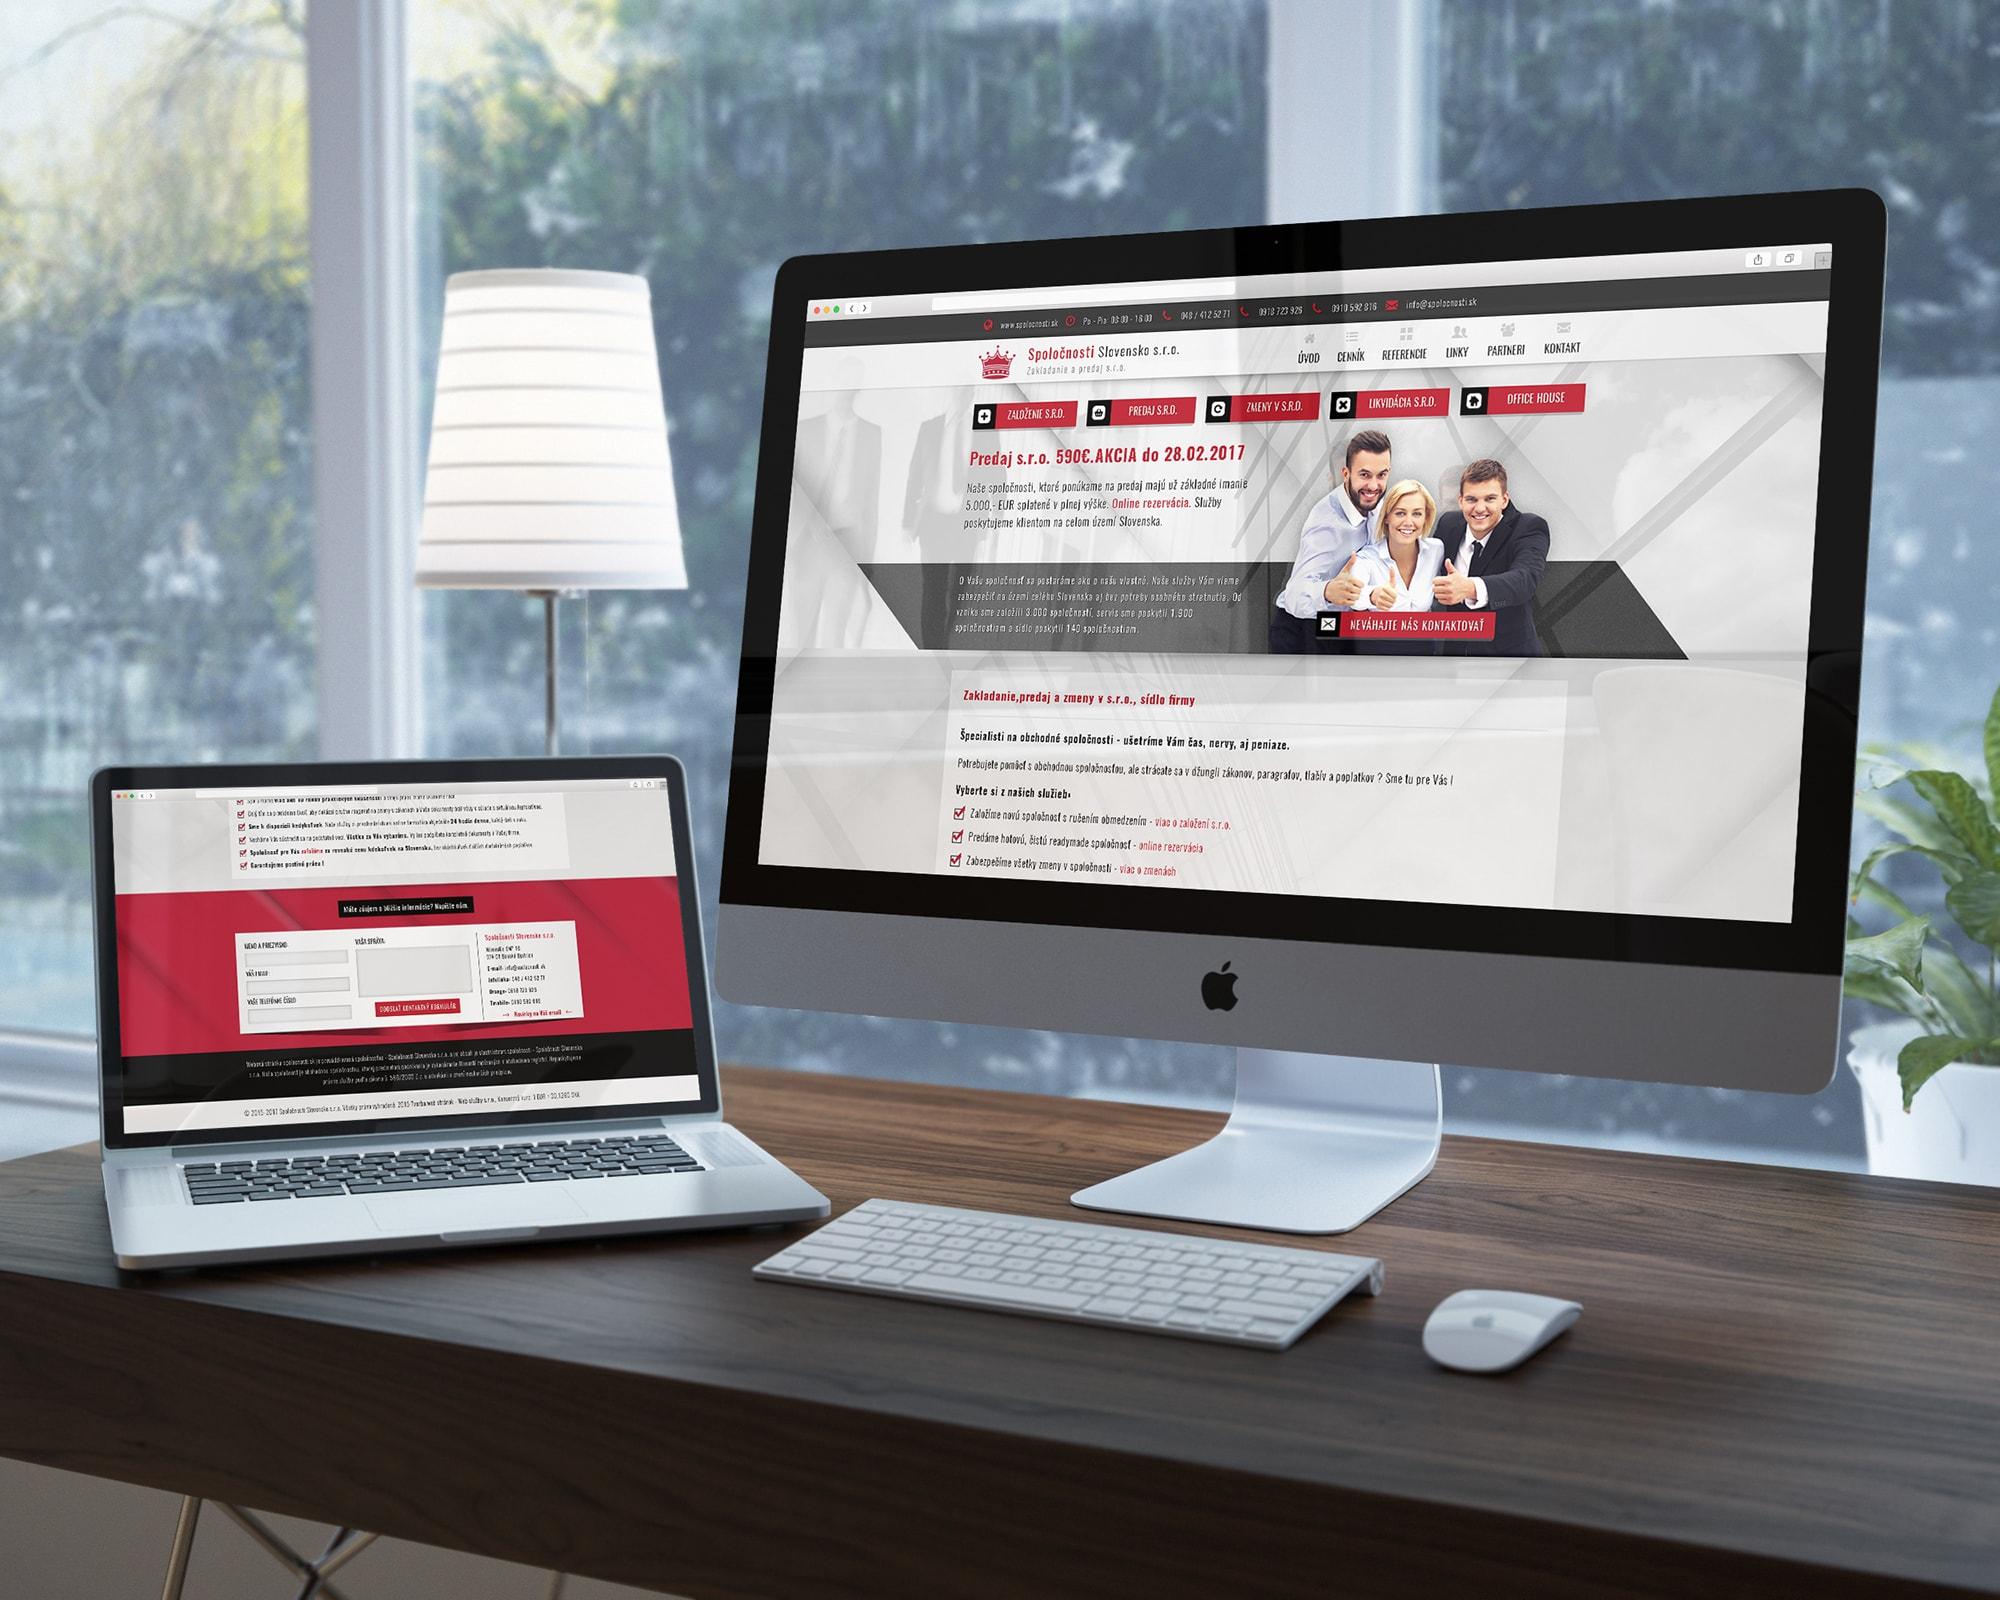 Náhľady web stránky spolocnosti.sk na notebooku a monitore